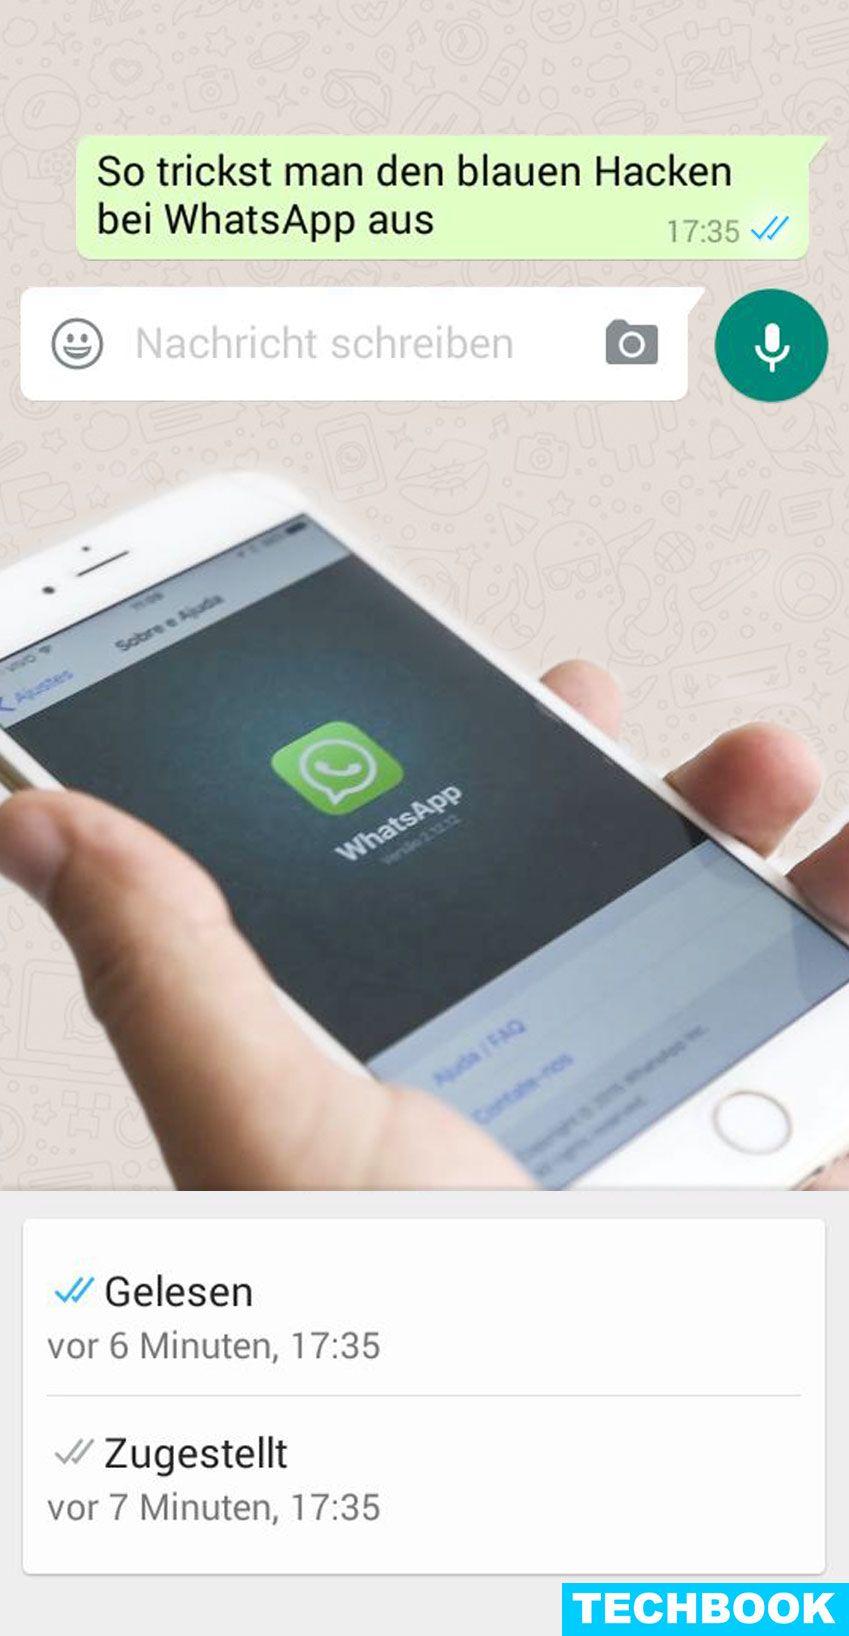 So Trickst Man Den Blauen Haken Bei Whatsapp Aus Iphone